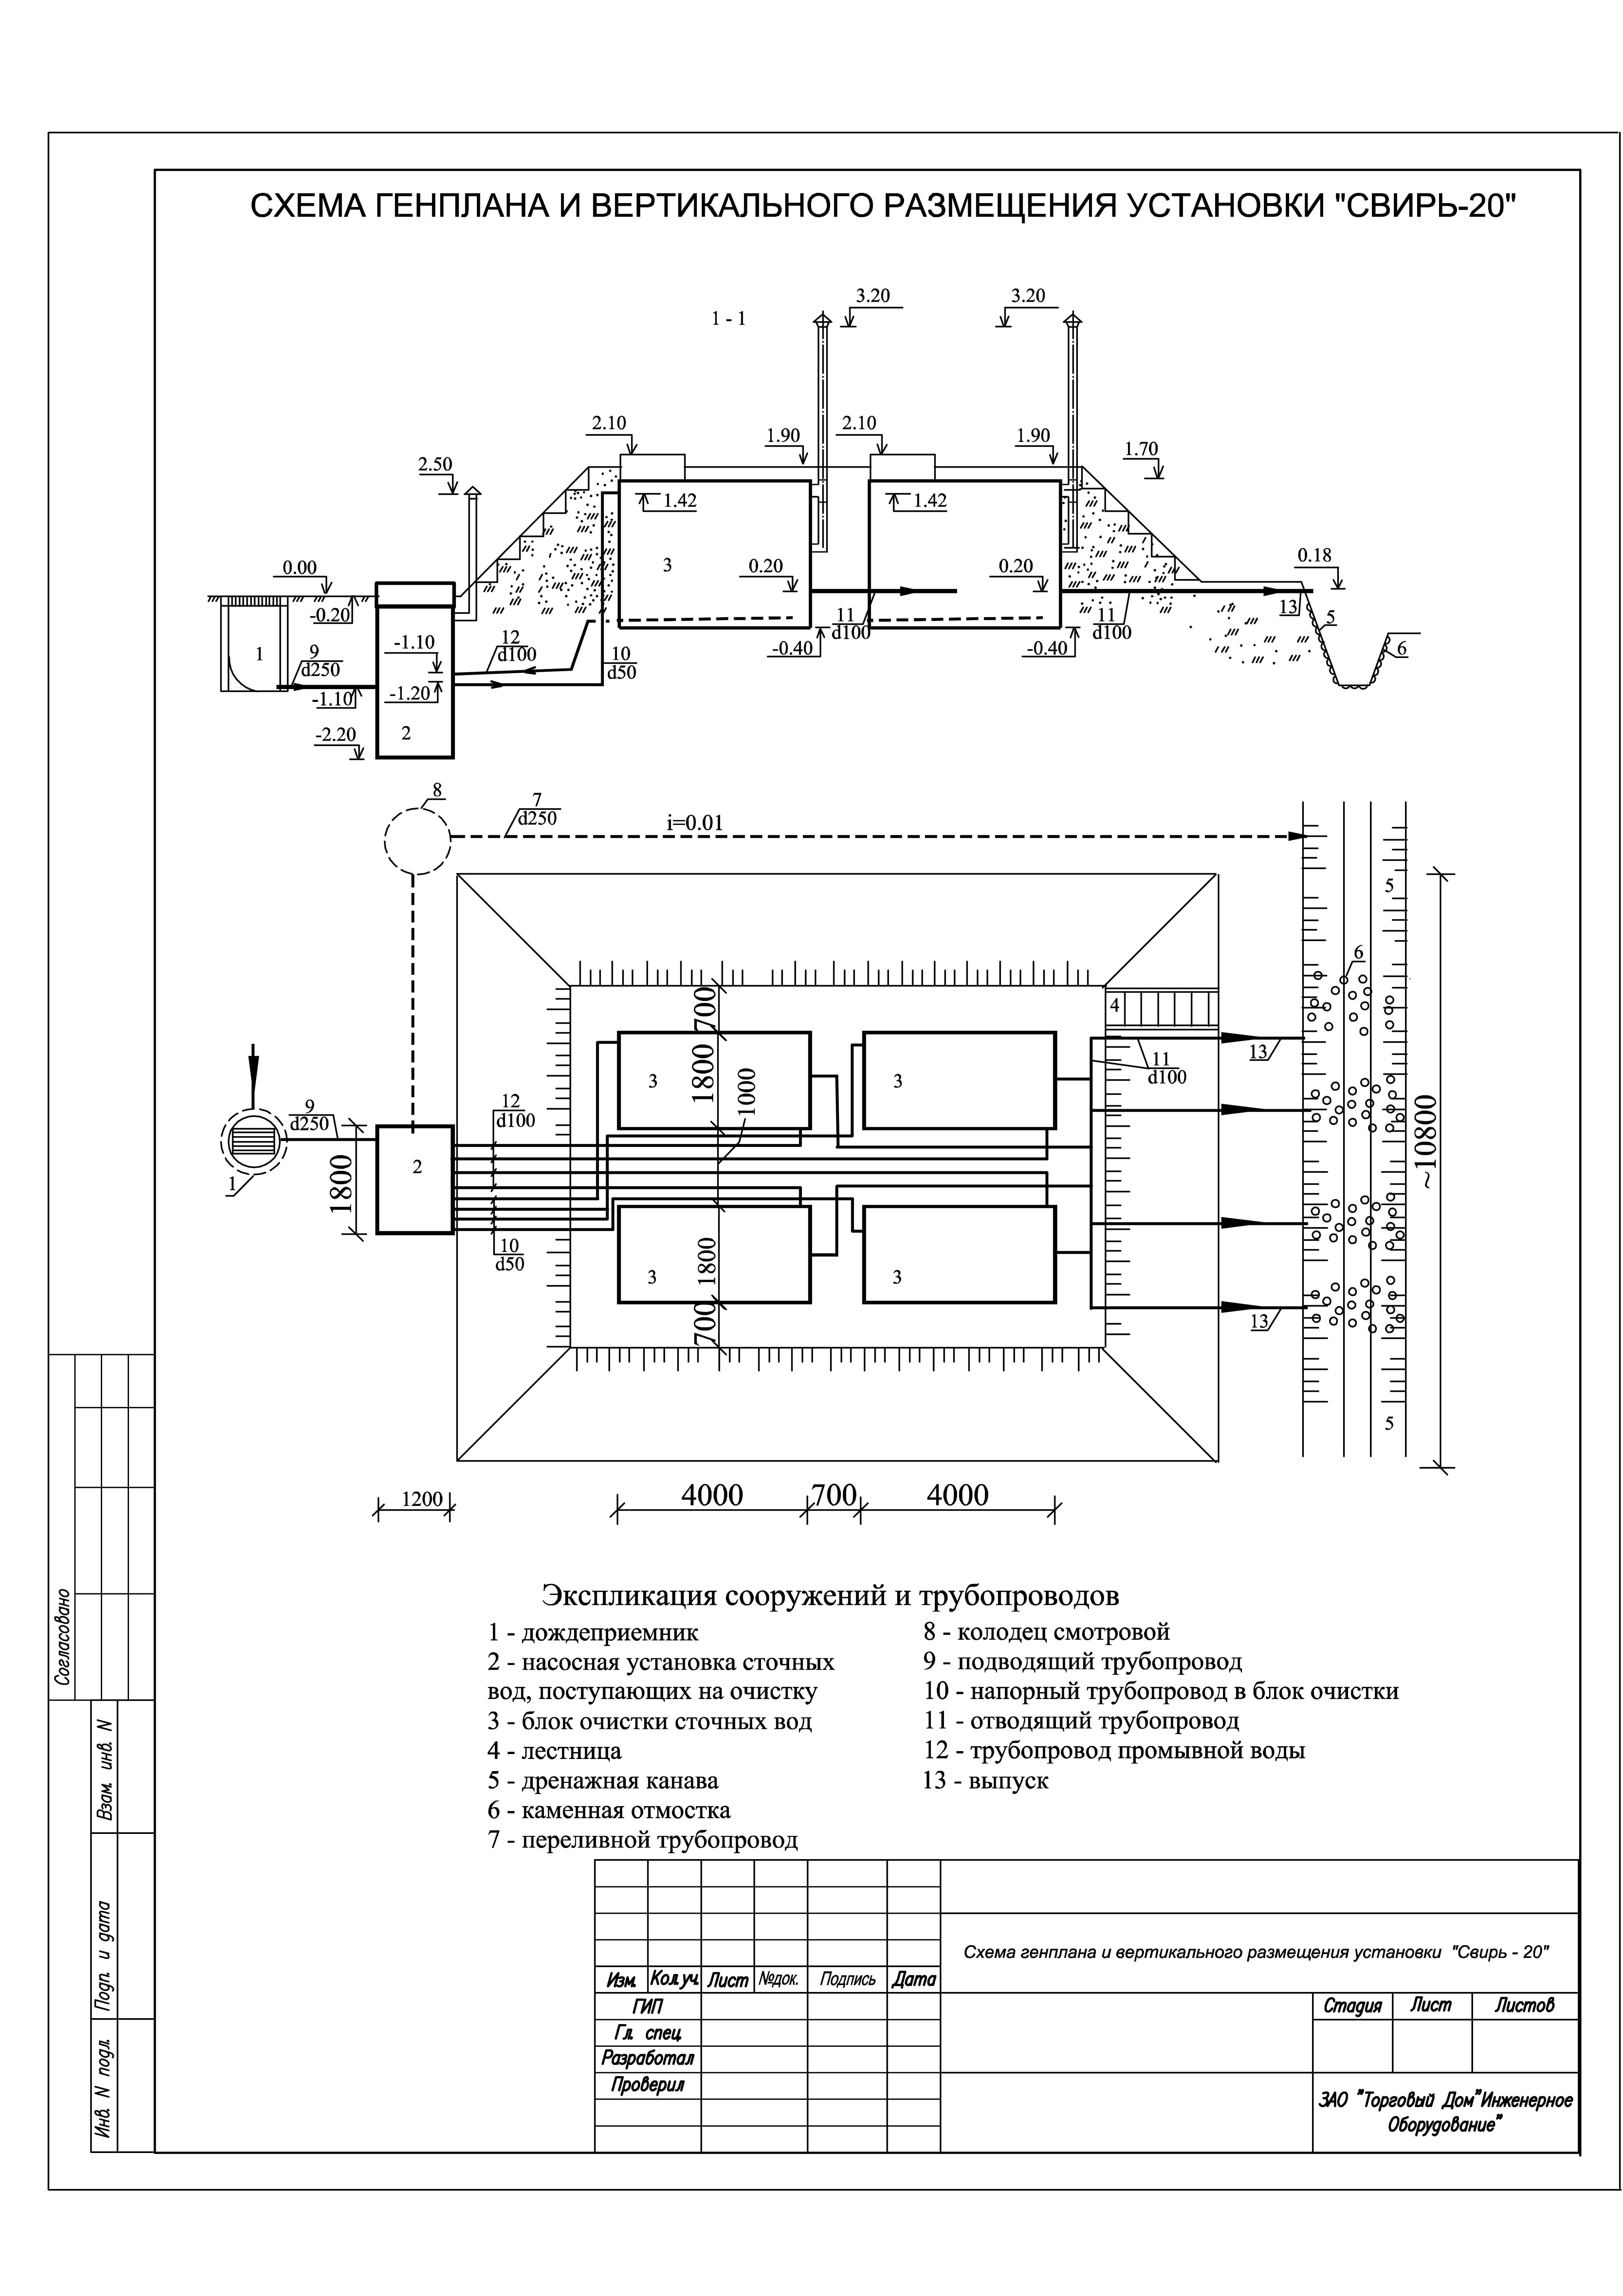 Очистное сооружение Свирь-20